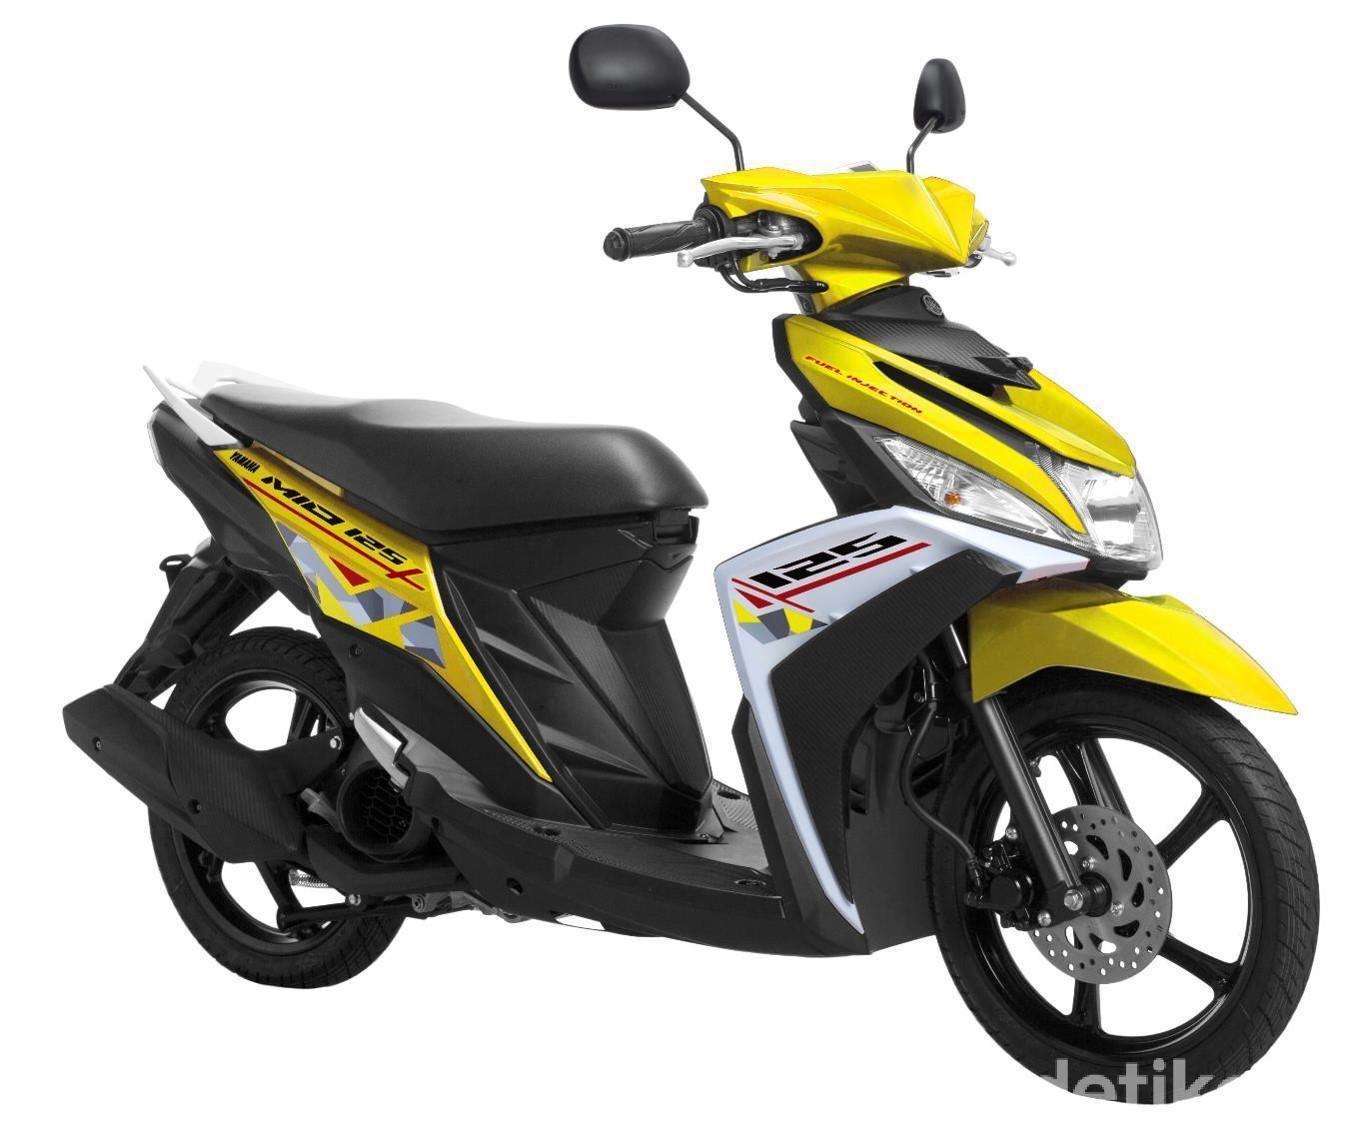 Yamaha mengajak konsumen untuk bersiap-siap menyambut Tahun Baru 2016 dengan tunggangan baru. Mio M3 tampil dengan warna dan grafis baru yang menyebarkan semangat positif untuk anak-anak muda.